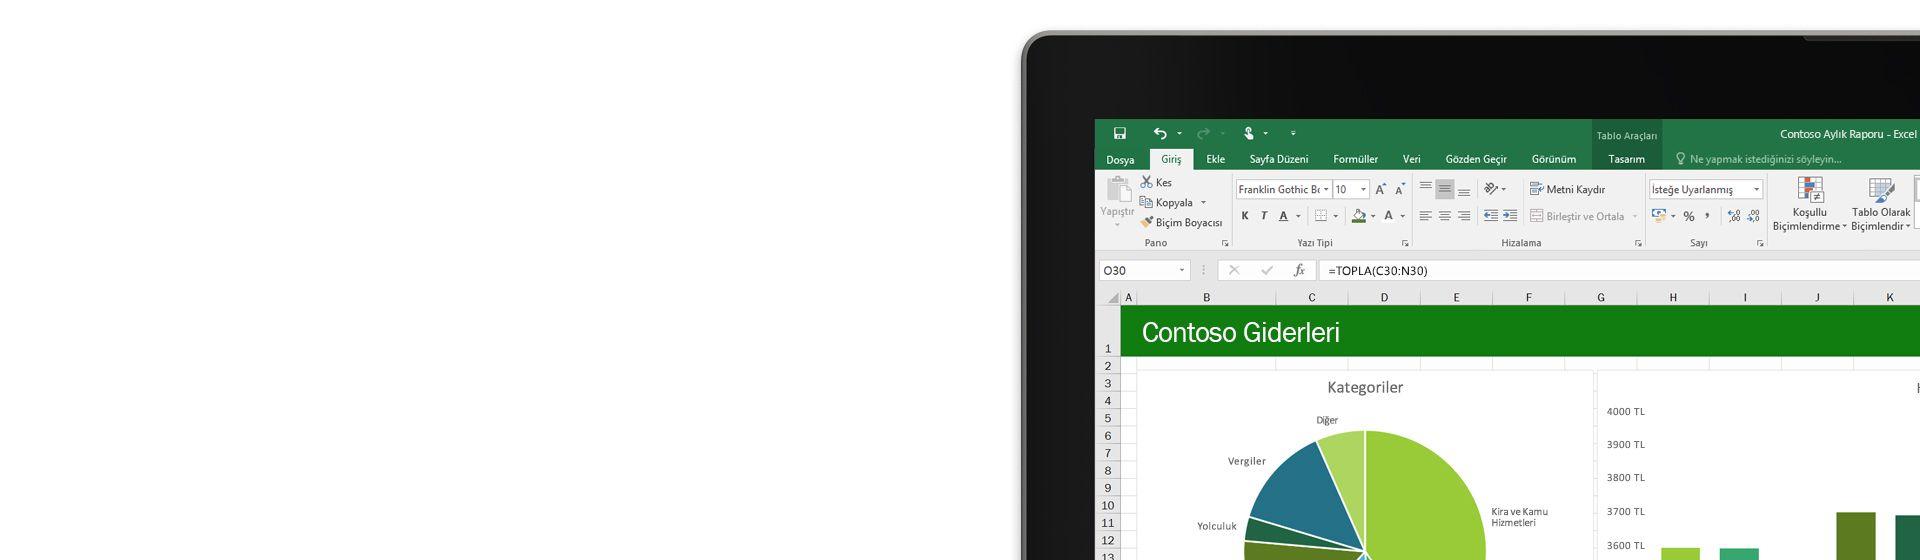 Microsoft Excel'de bir gider raporunu gösteren dizüstü bilgisayar ekranının köşesi